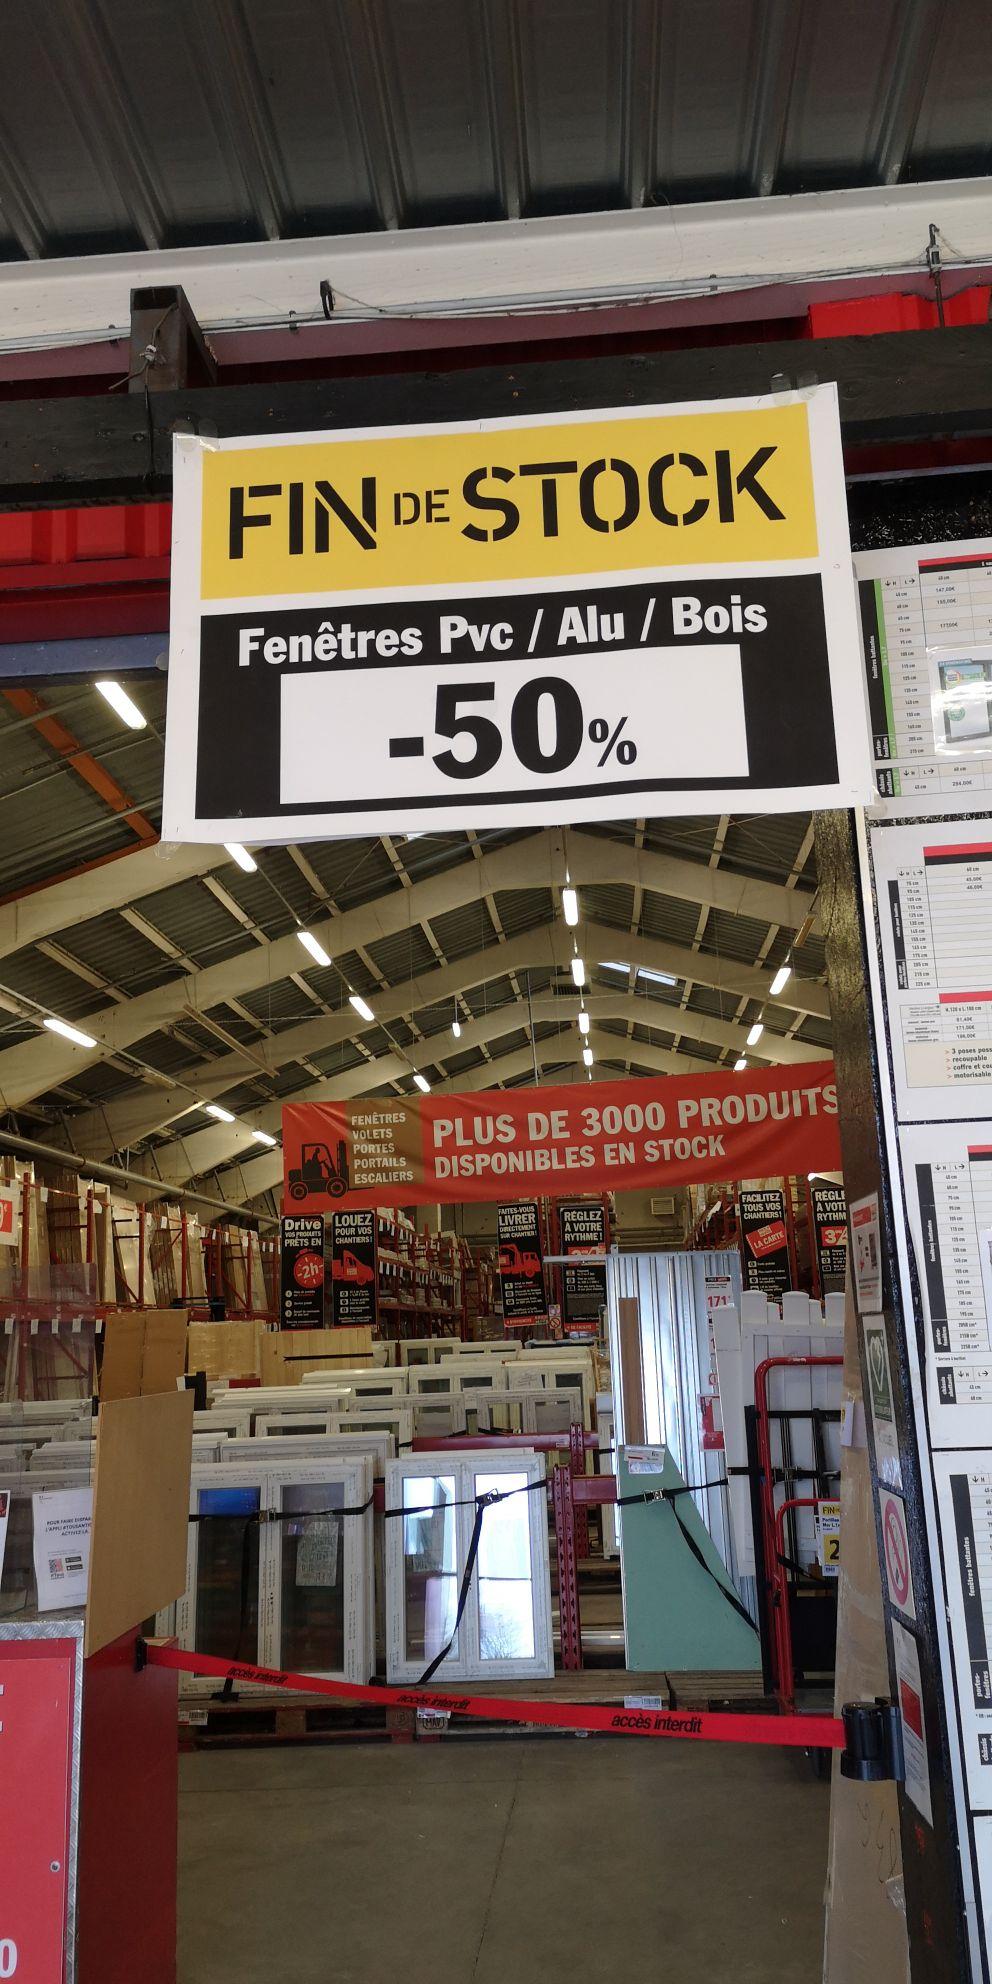 50% de réduction sur les Fenêtres PVC, Aluminium & Bois - Leers (59)